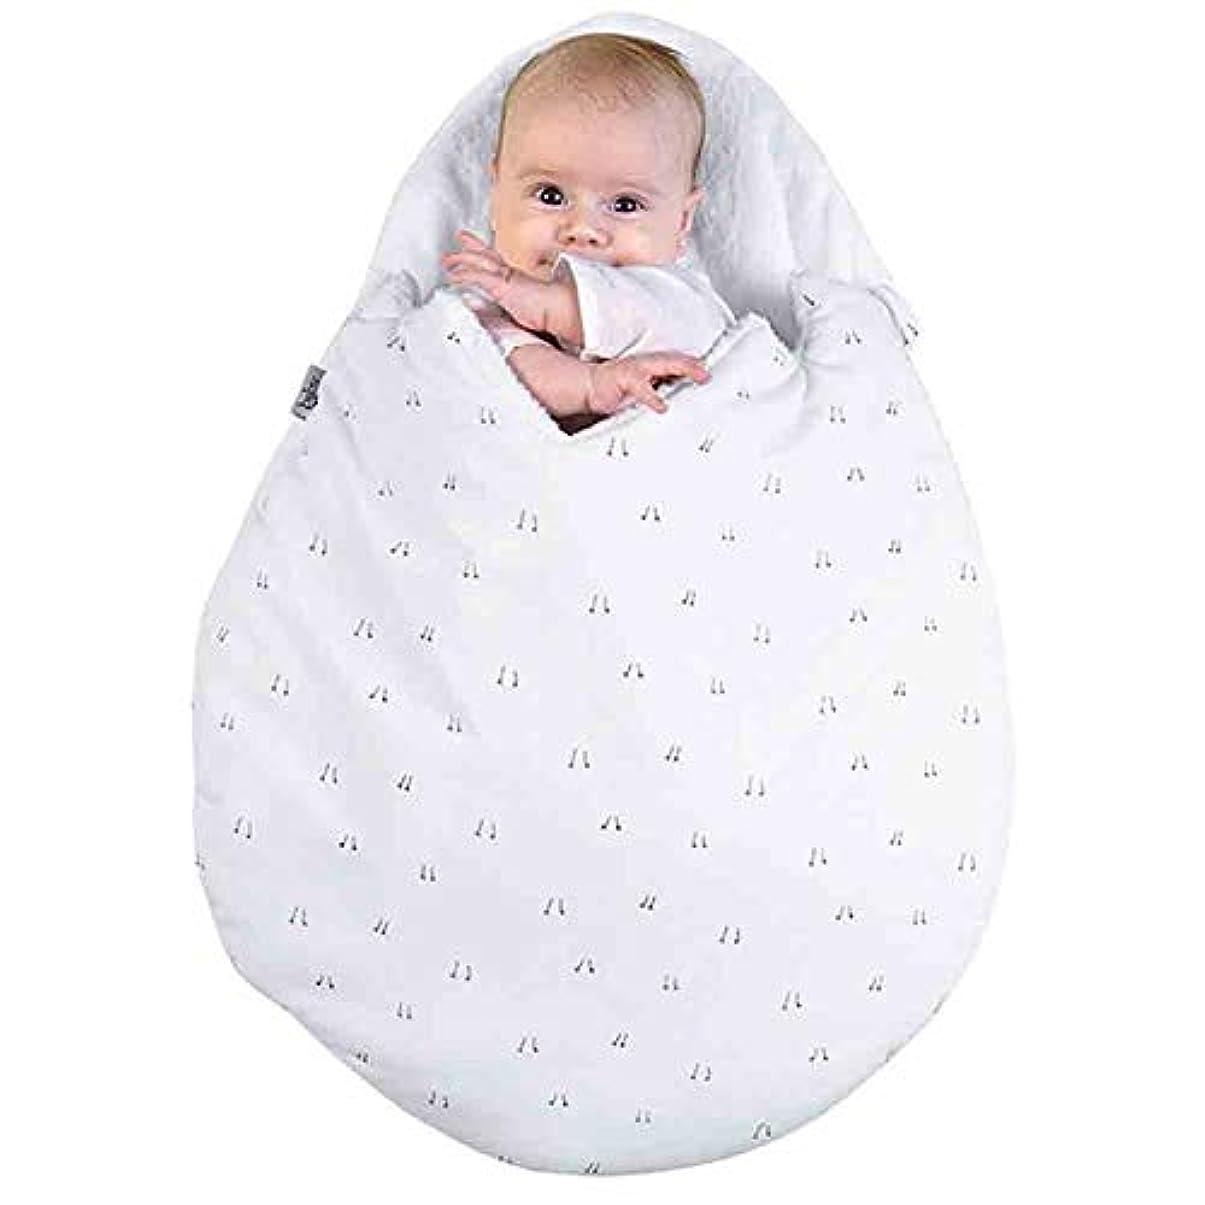 ショッキング醸造所デコレーション生まれたばかりの赤ちゃんの漫画の卵形の寝袋冬のベビーカーベッド毛布毛布寝具寝袋寝袋厚い赤ちゃんの保温 u3h1g4